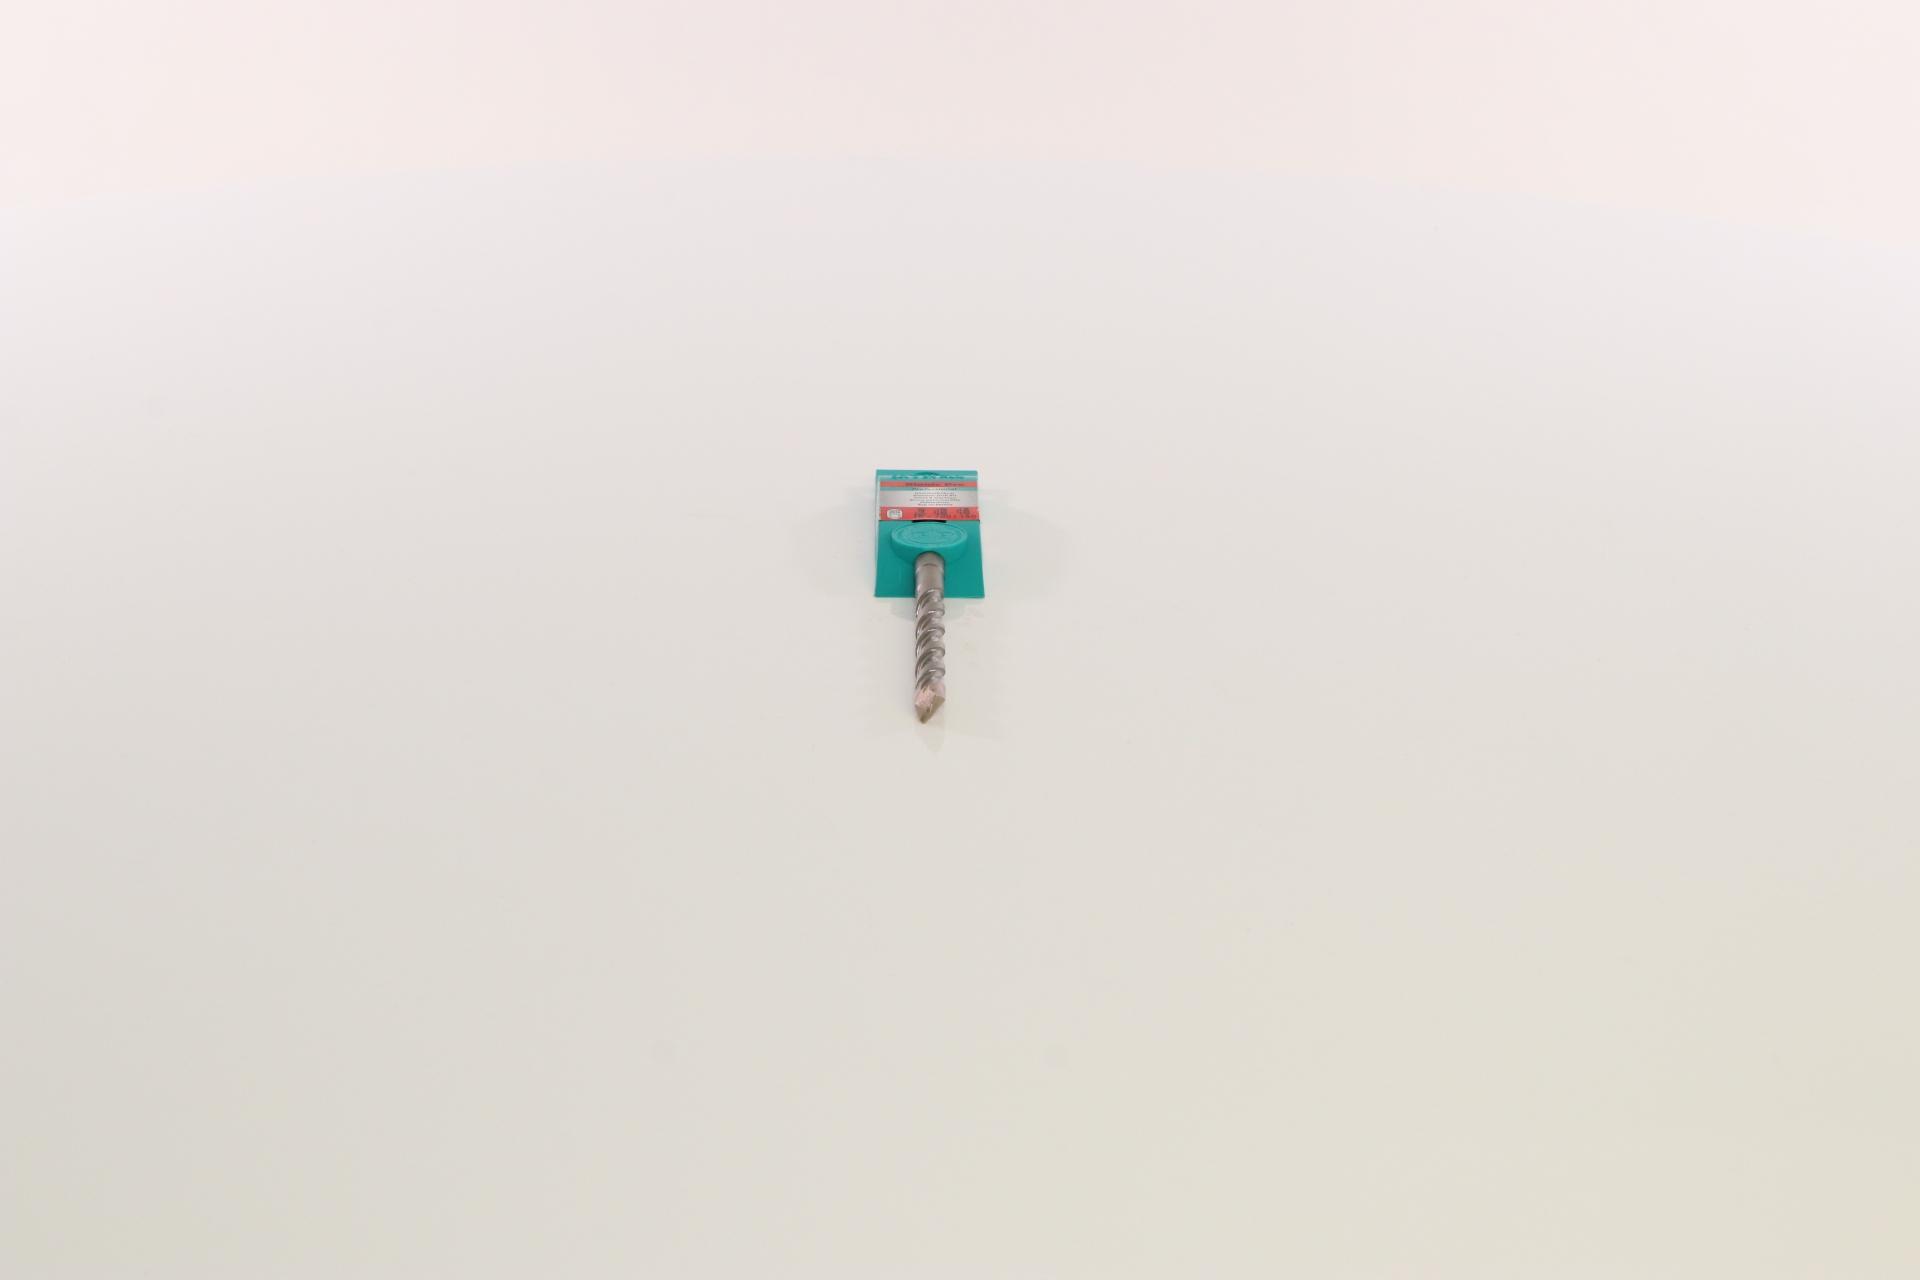 heller SDS-plus Hammerbohrer, Serie 'Bionic Pro', Ø/A/G: 10/100/160 mm